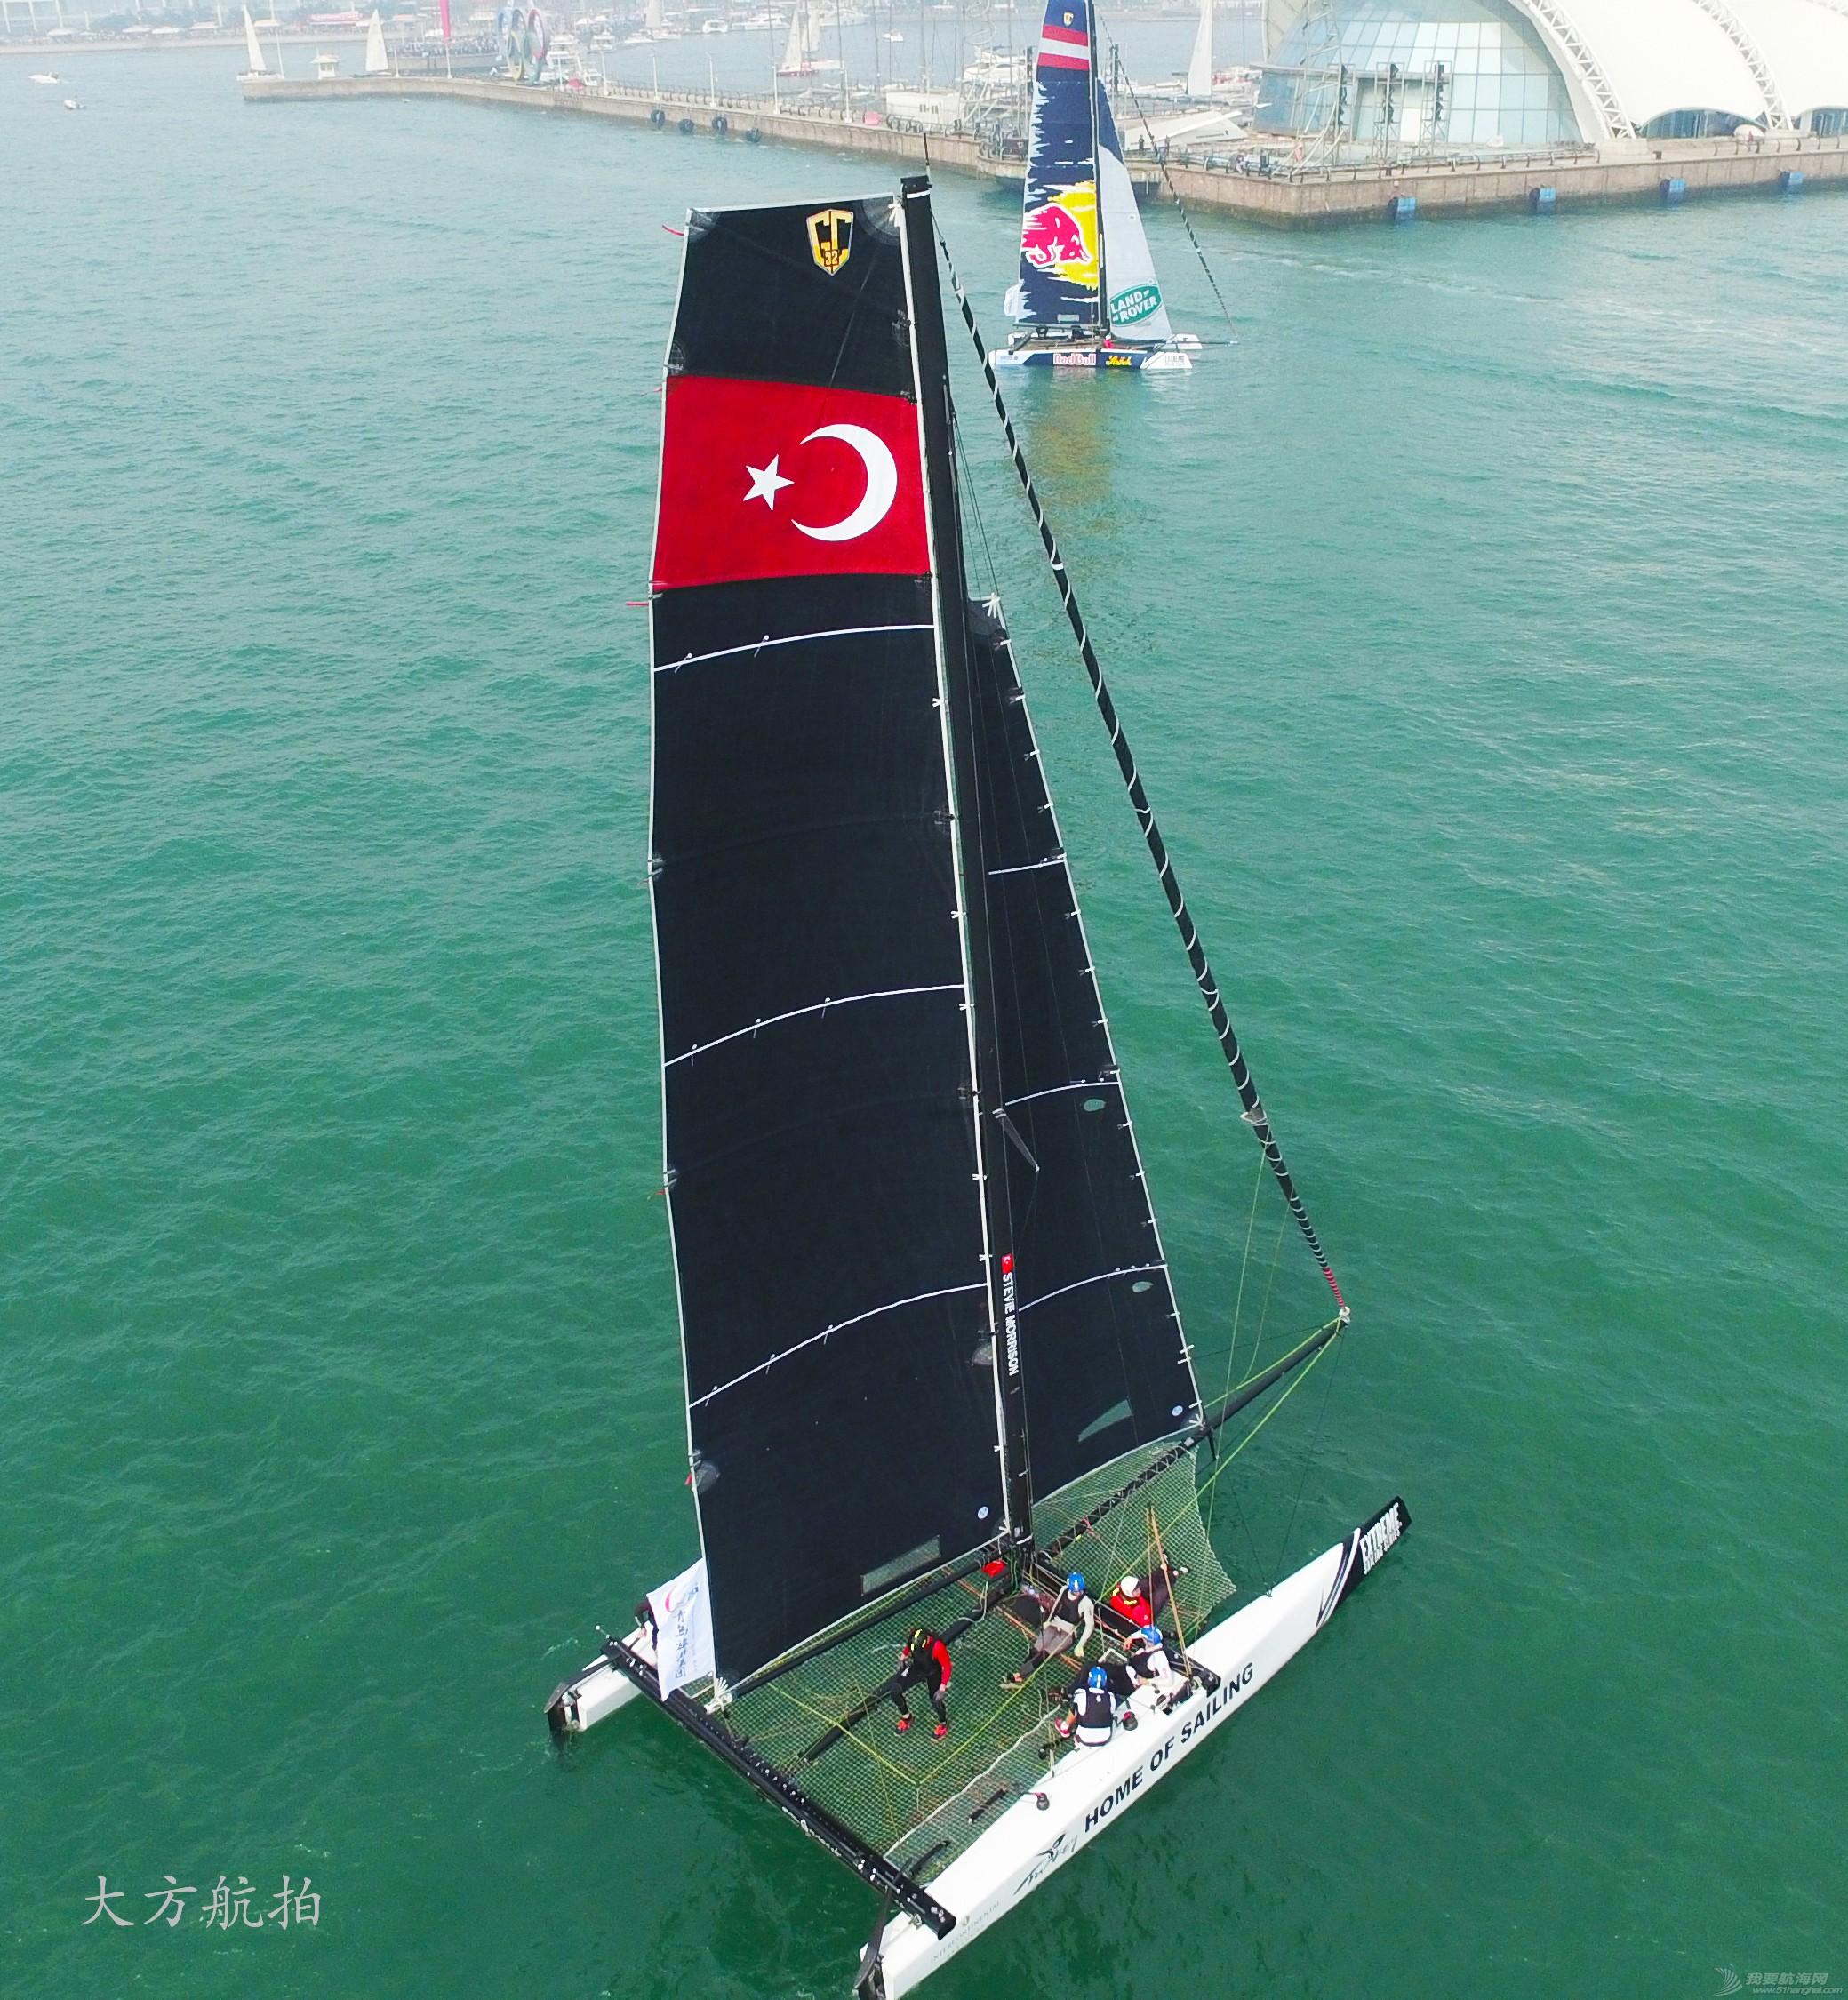 系列赛,青岛,帆船,国际,极限 2016国际极限帆船系列赛青岛站--大方航拍 DJI_0154.JPG